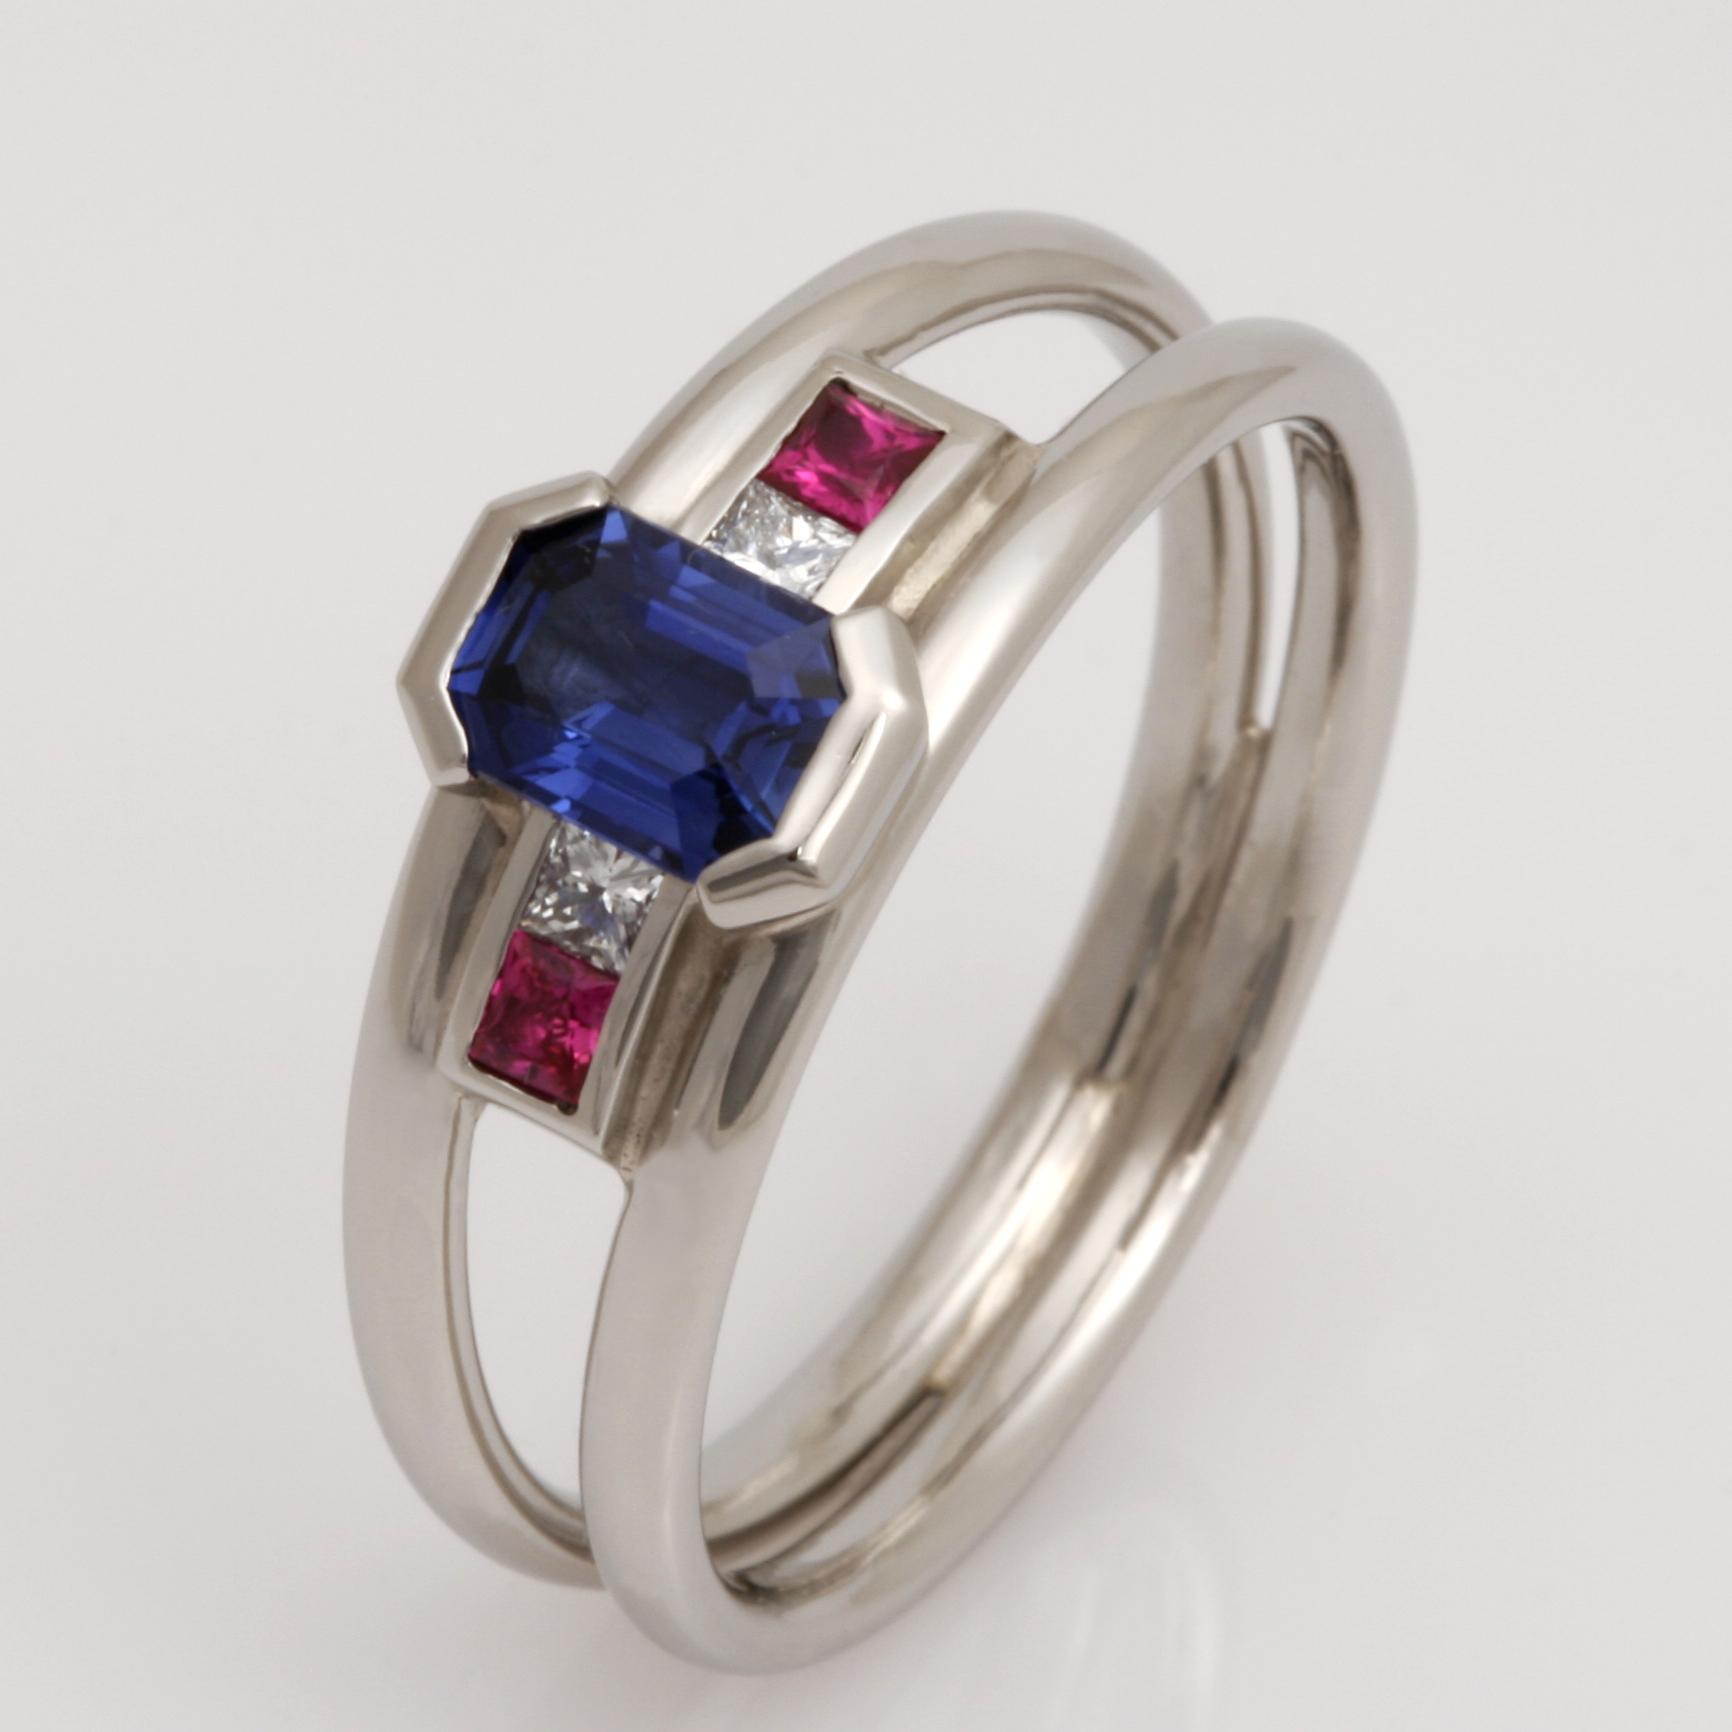 Handmade palladium, Ceylon sapphire, ruby and diamond engagement ring